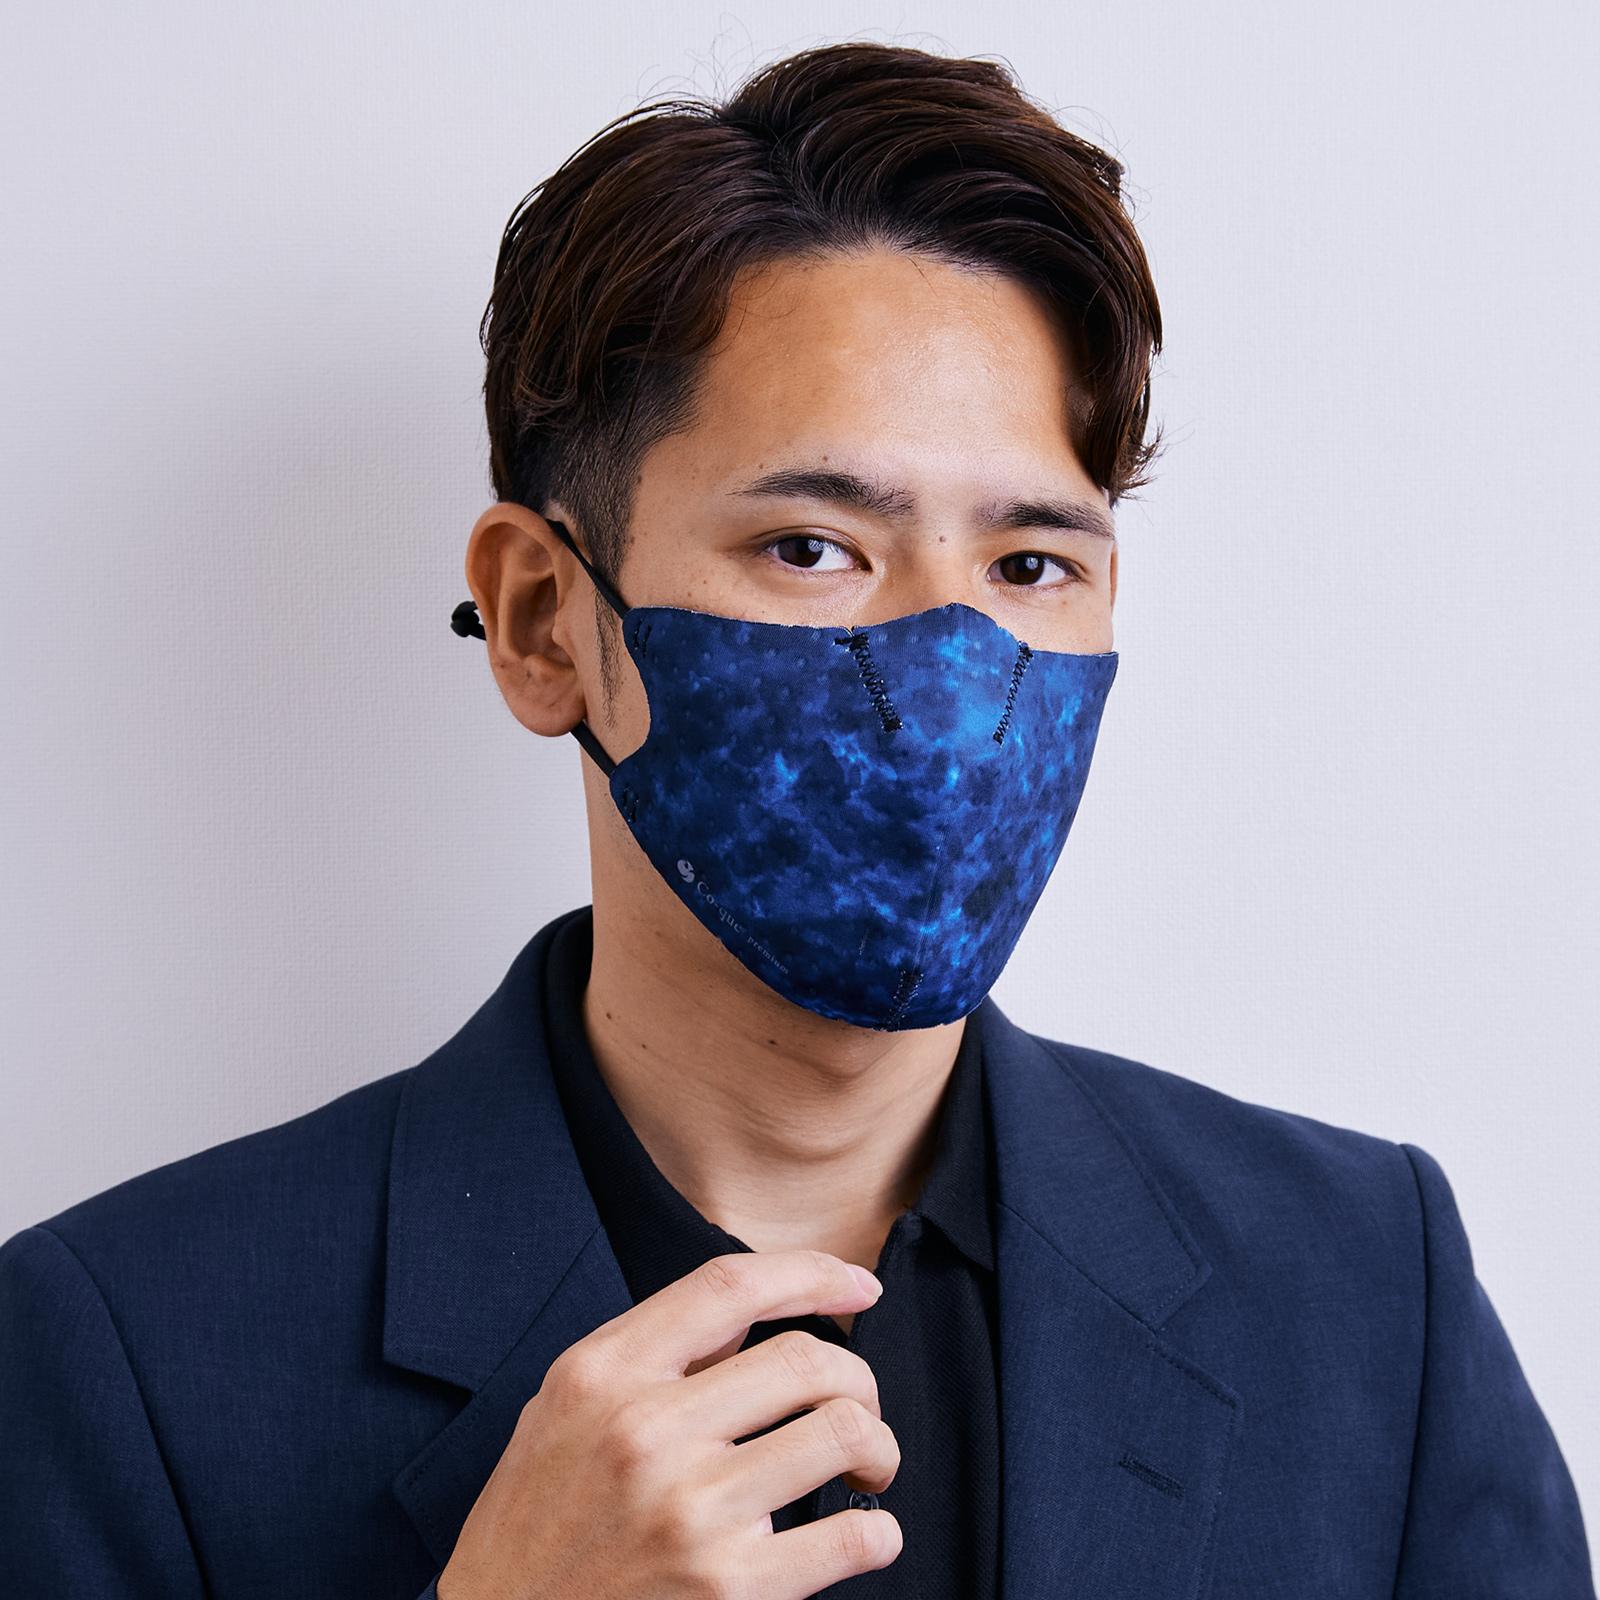 【単色購入】呼吸 Co-que プレミアム ブラック&ブルー カモフラージュ Lサイズ